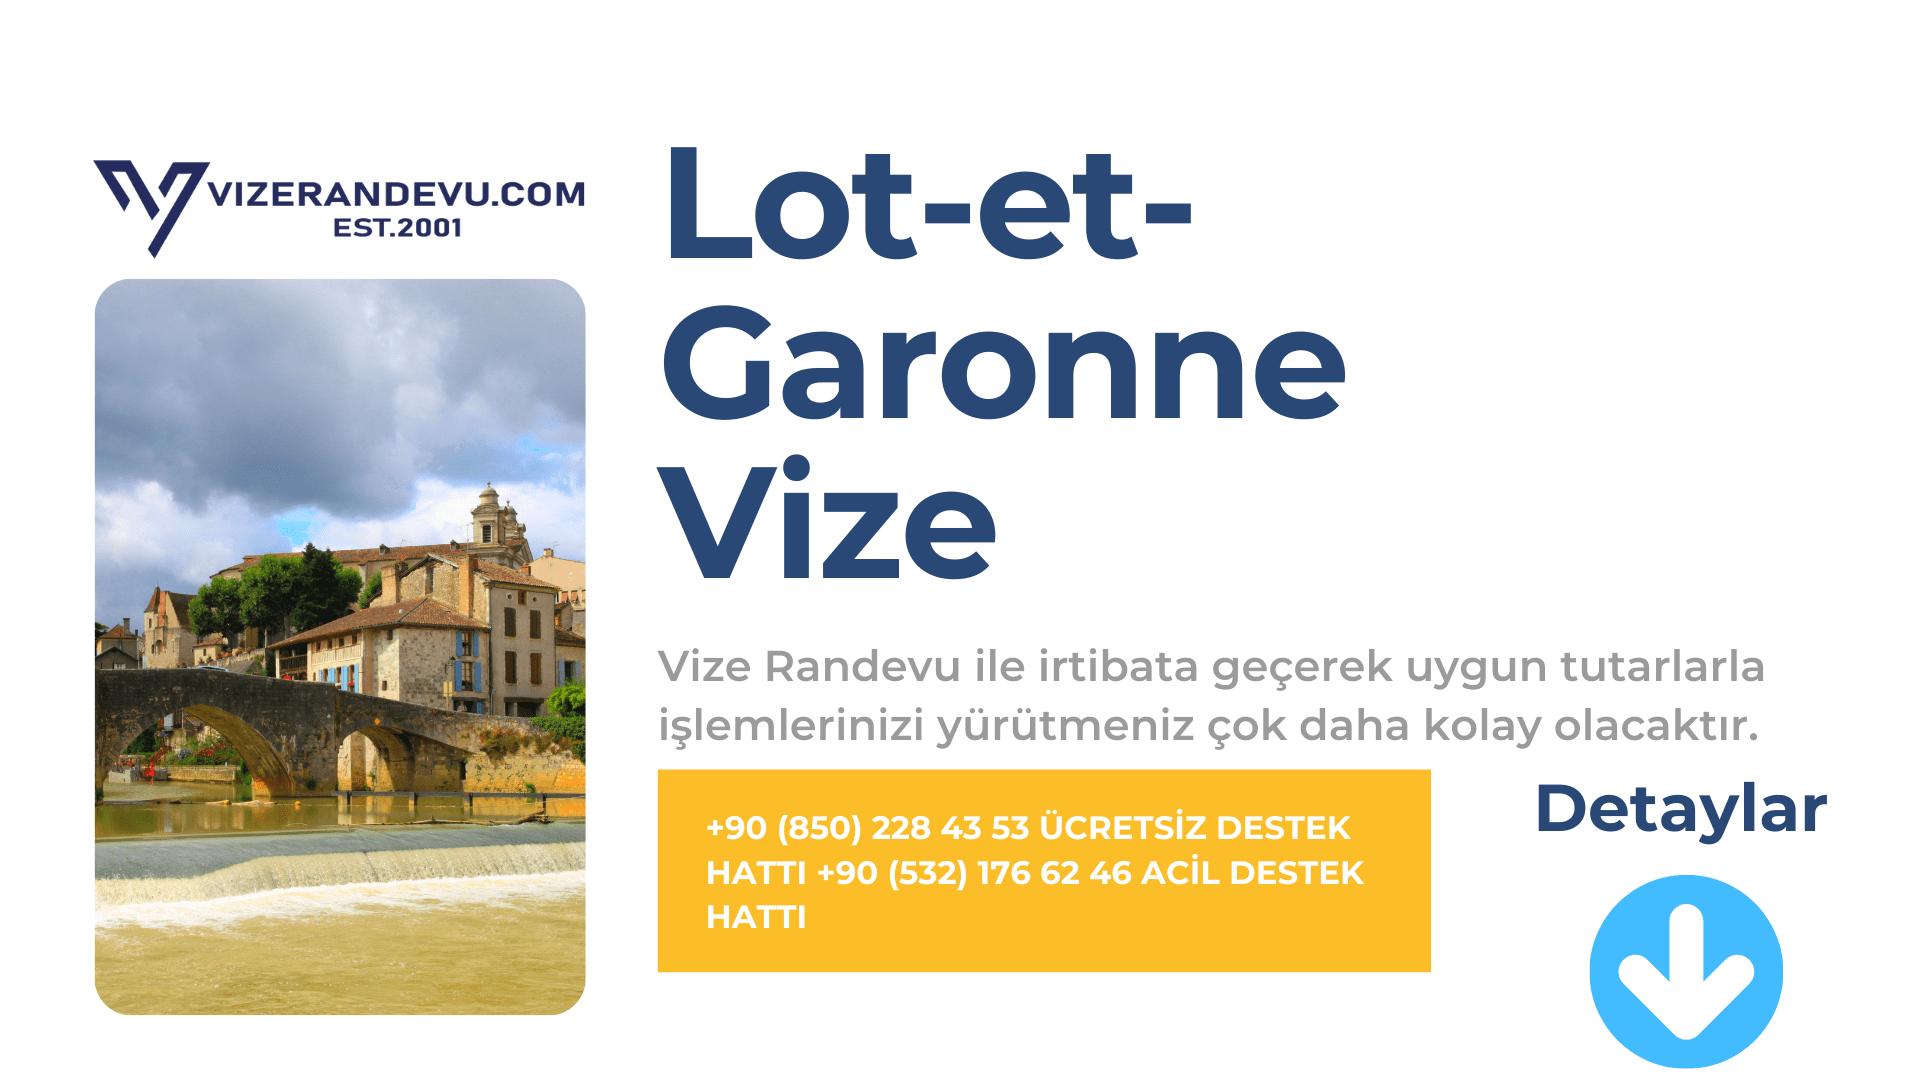 Fransa Lot-et-Garonne Vize Başvurusu